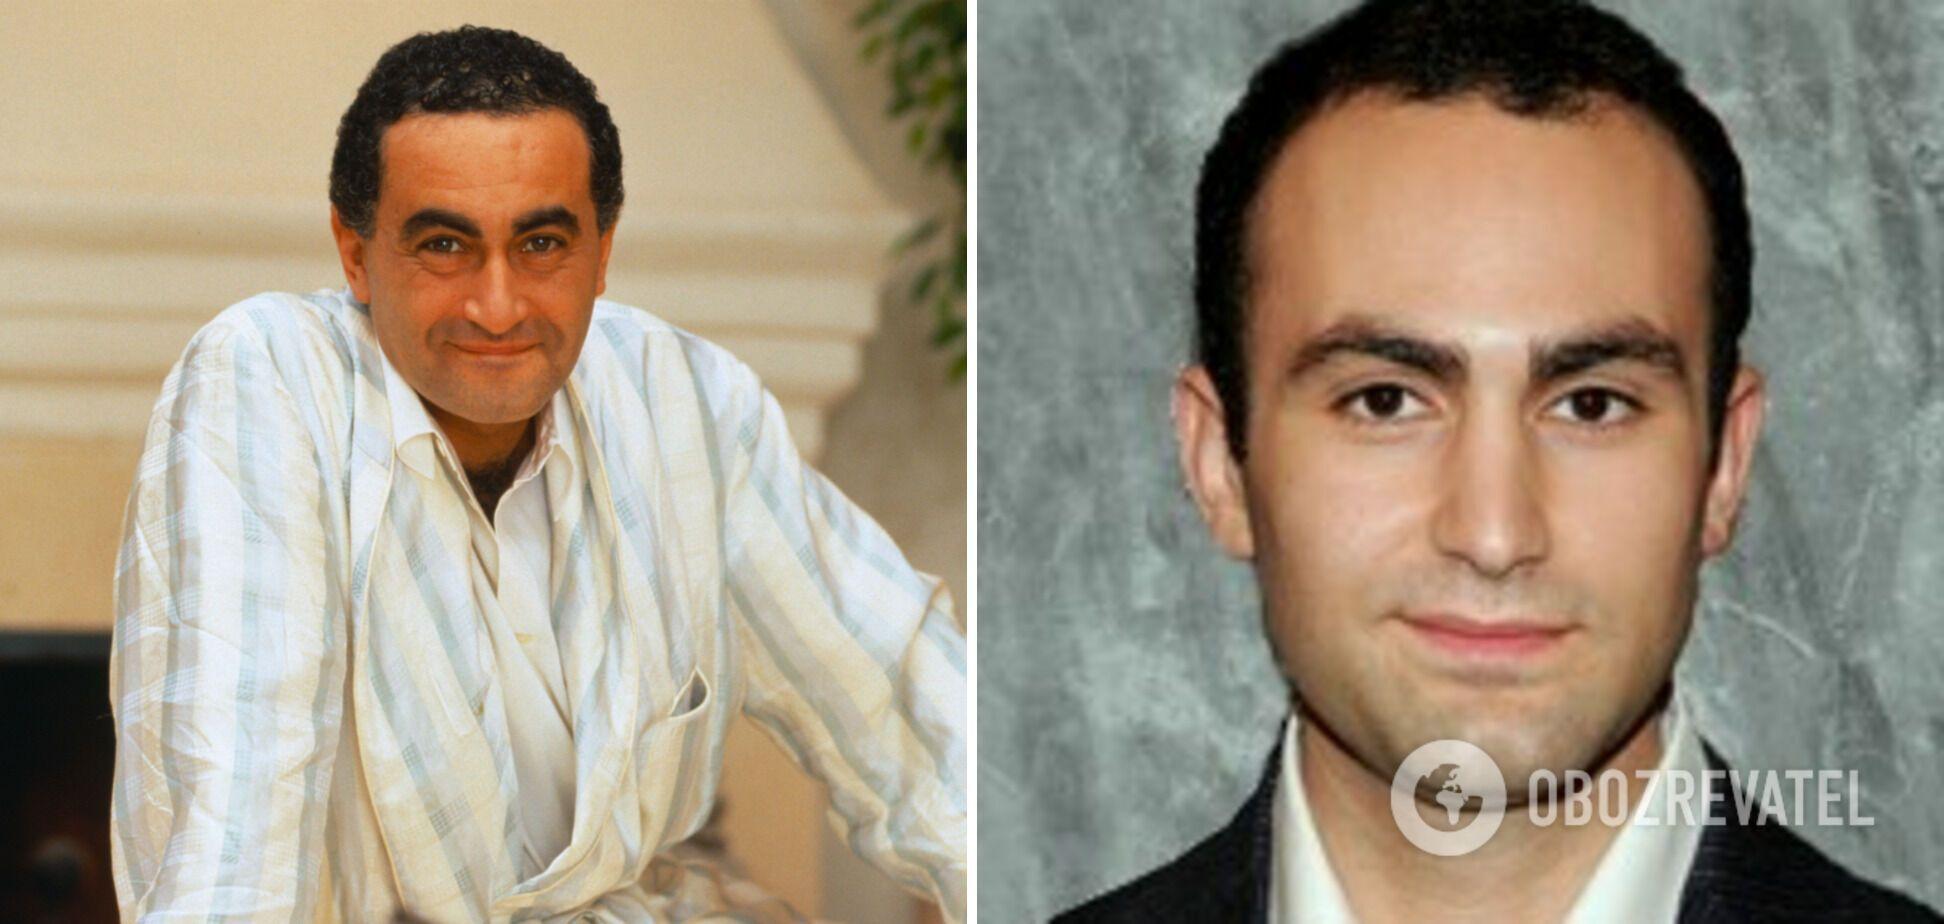 Доди Аль-Файед и Халид Абдалла